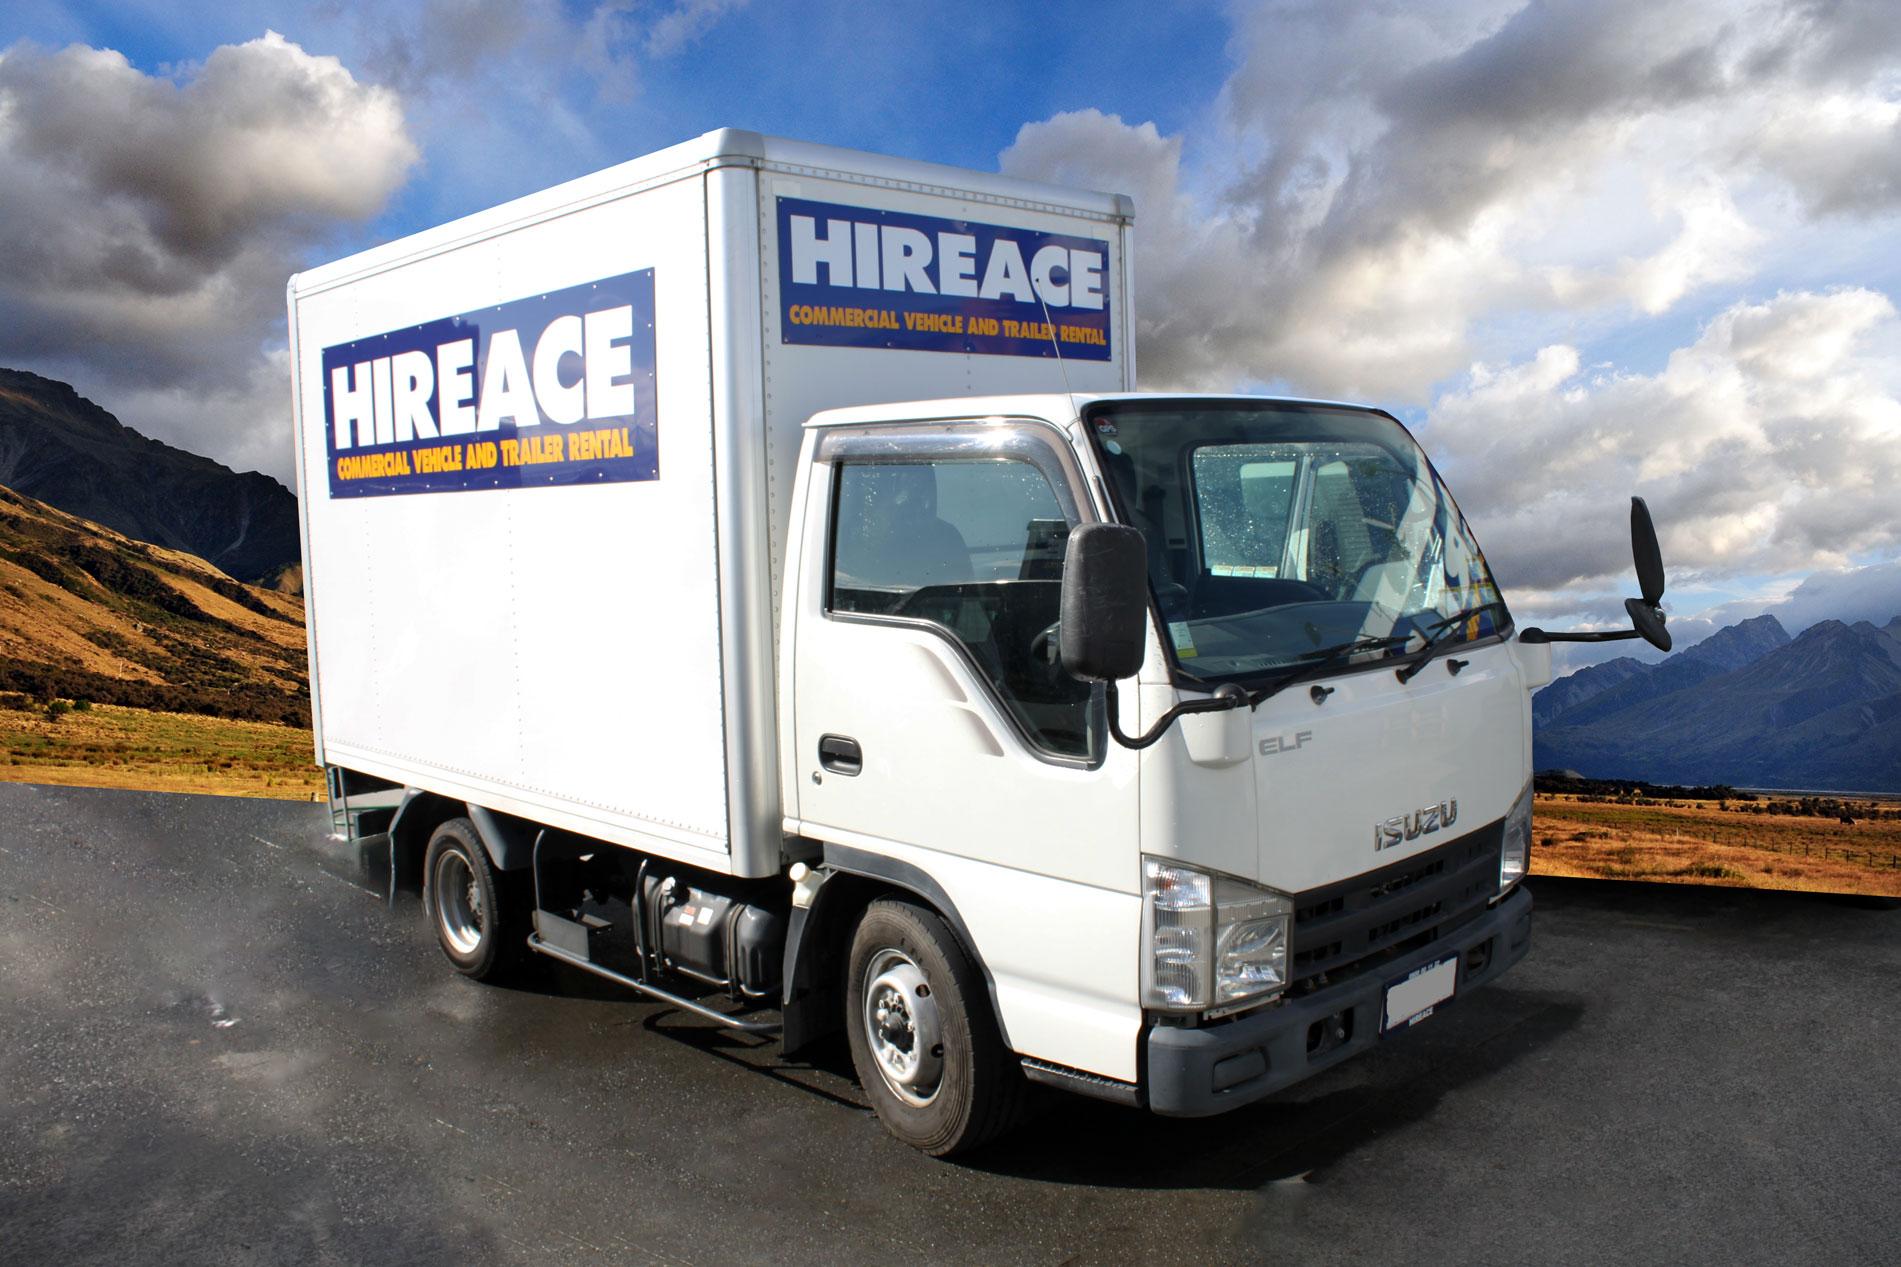 Furniture truck